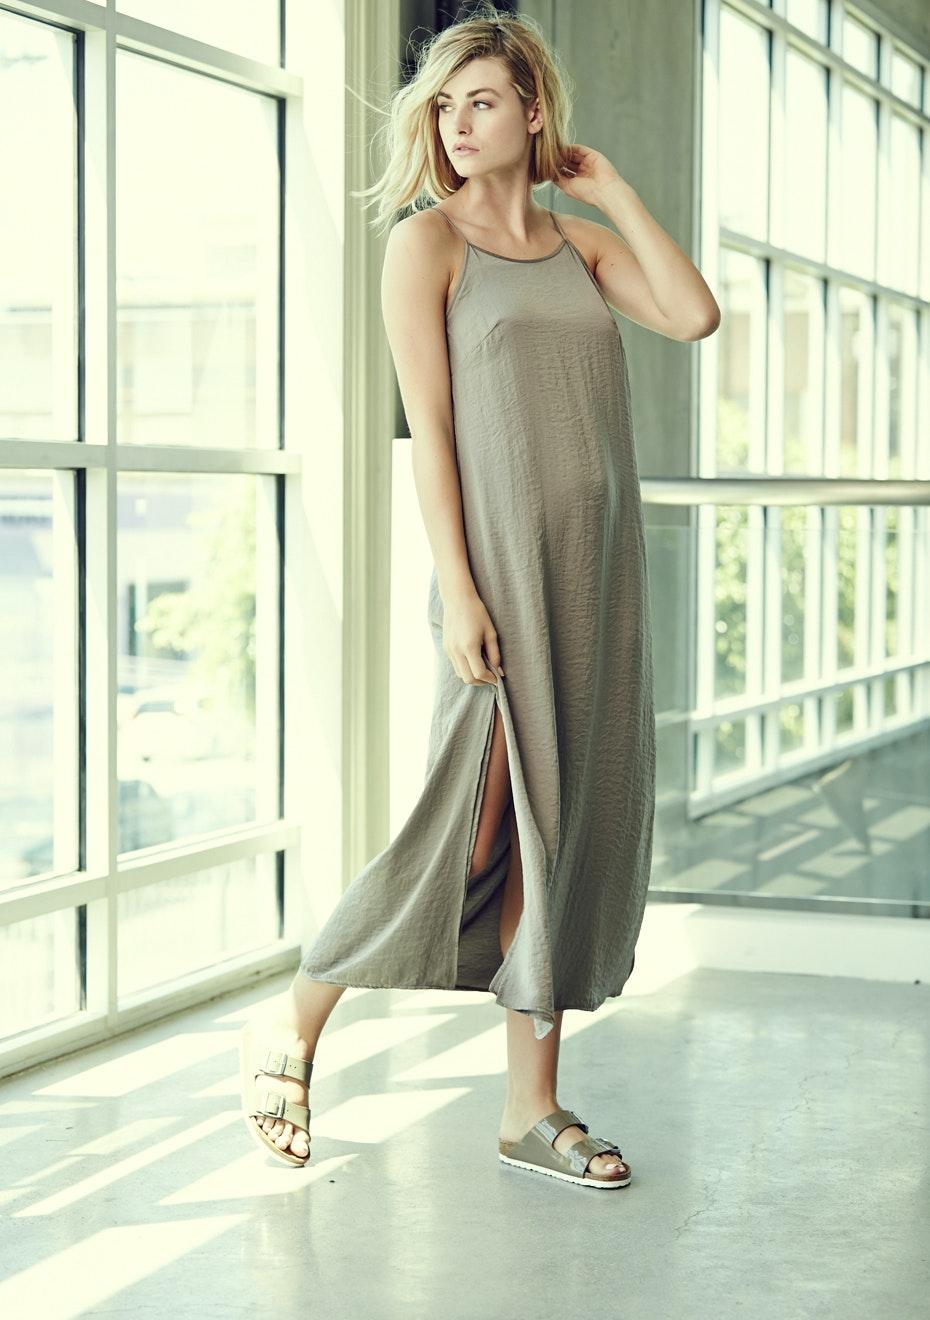 Achro - Ankle Length, Sleeveless Slip Dress  - Olive